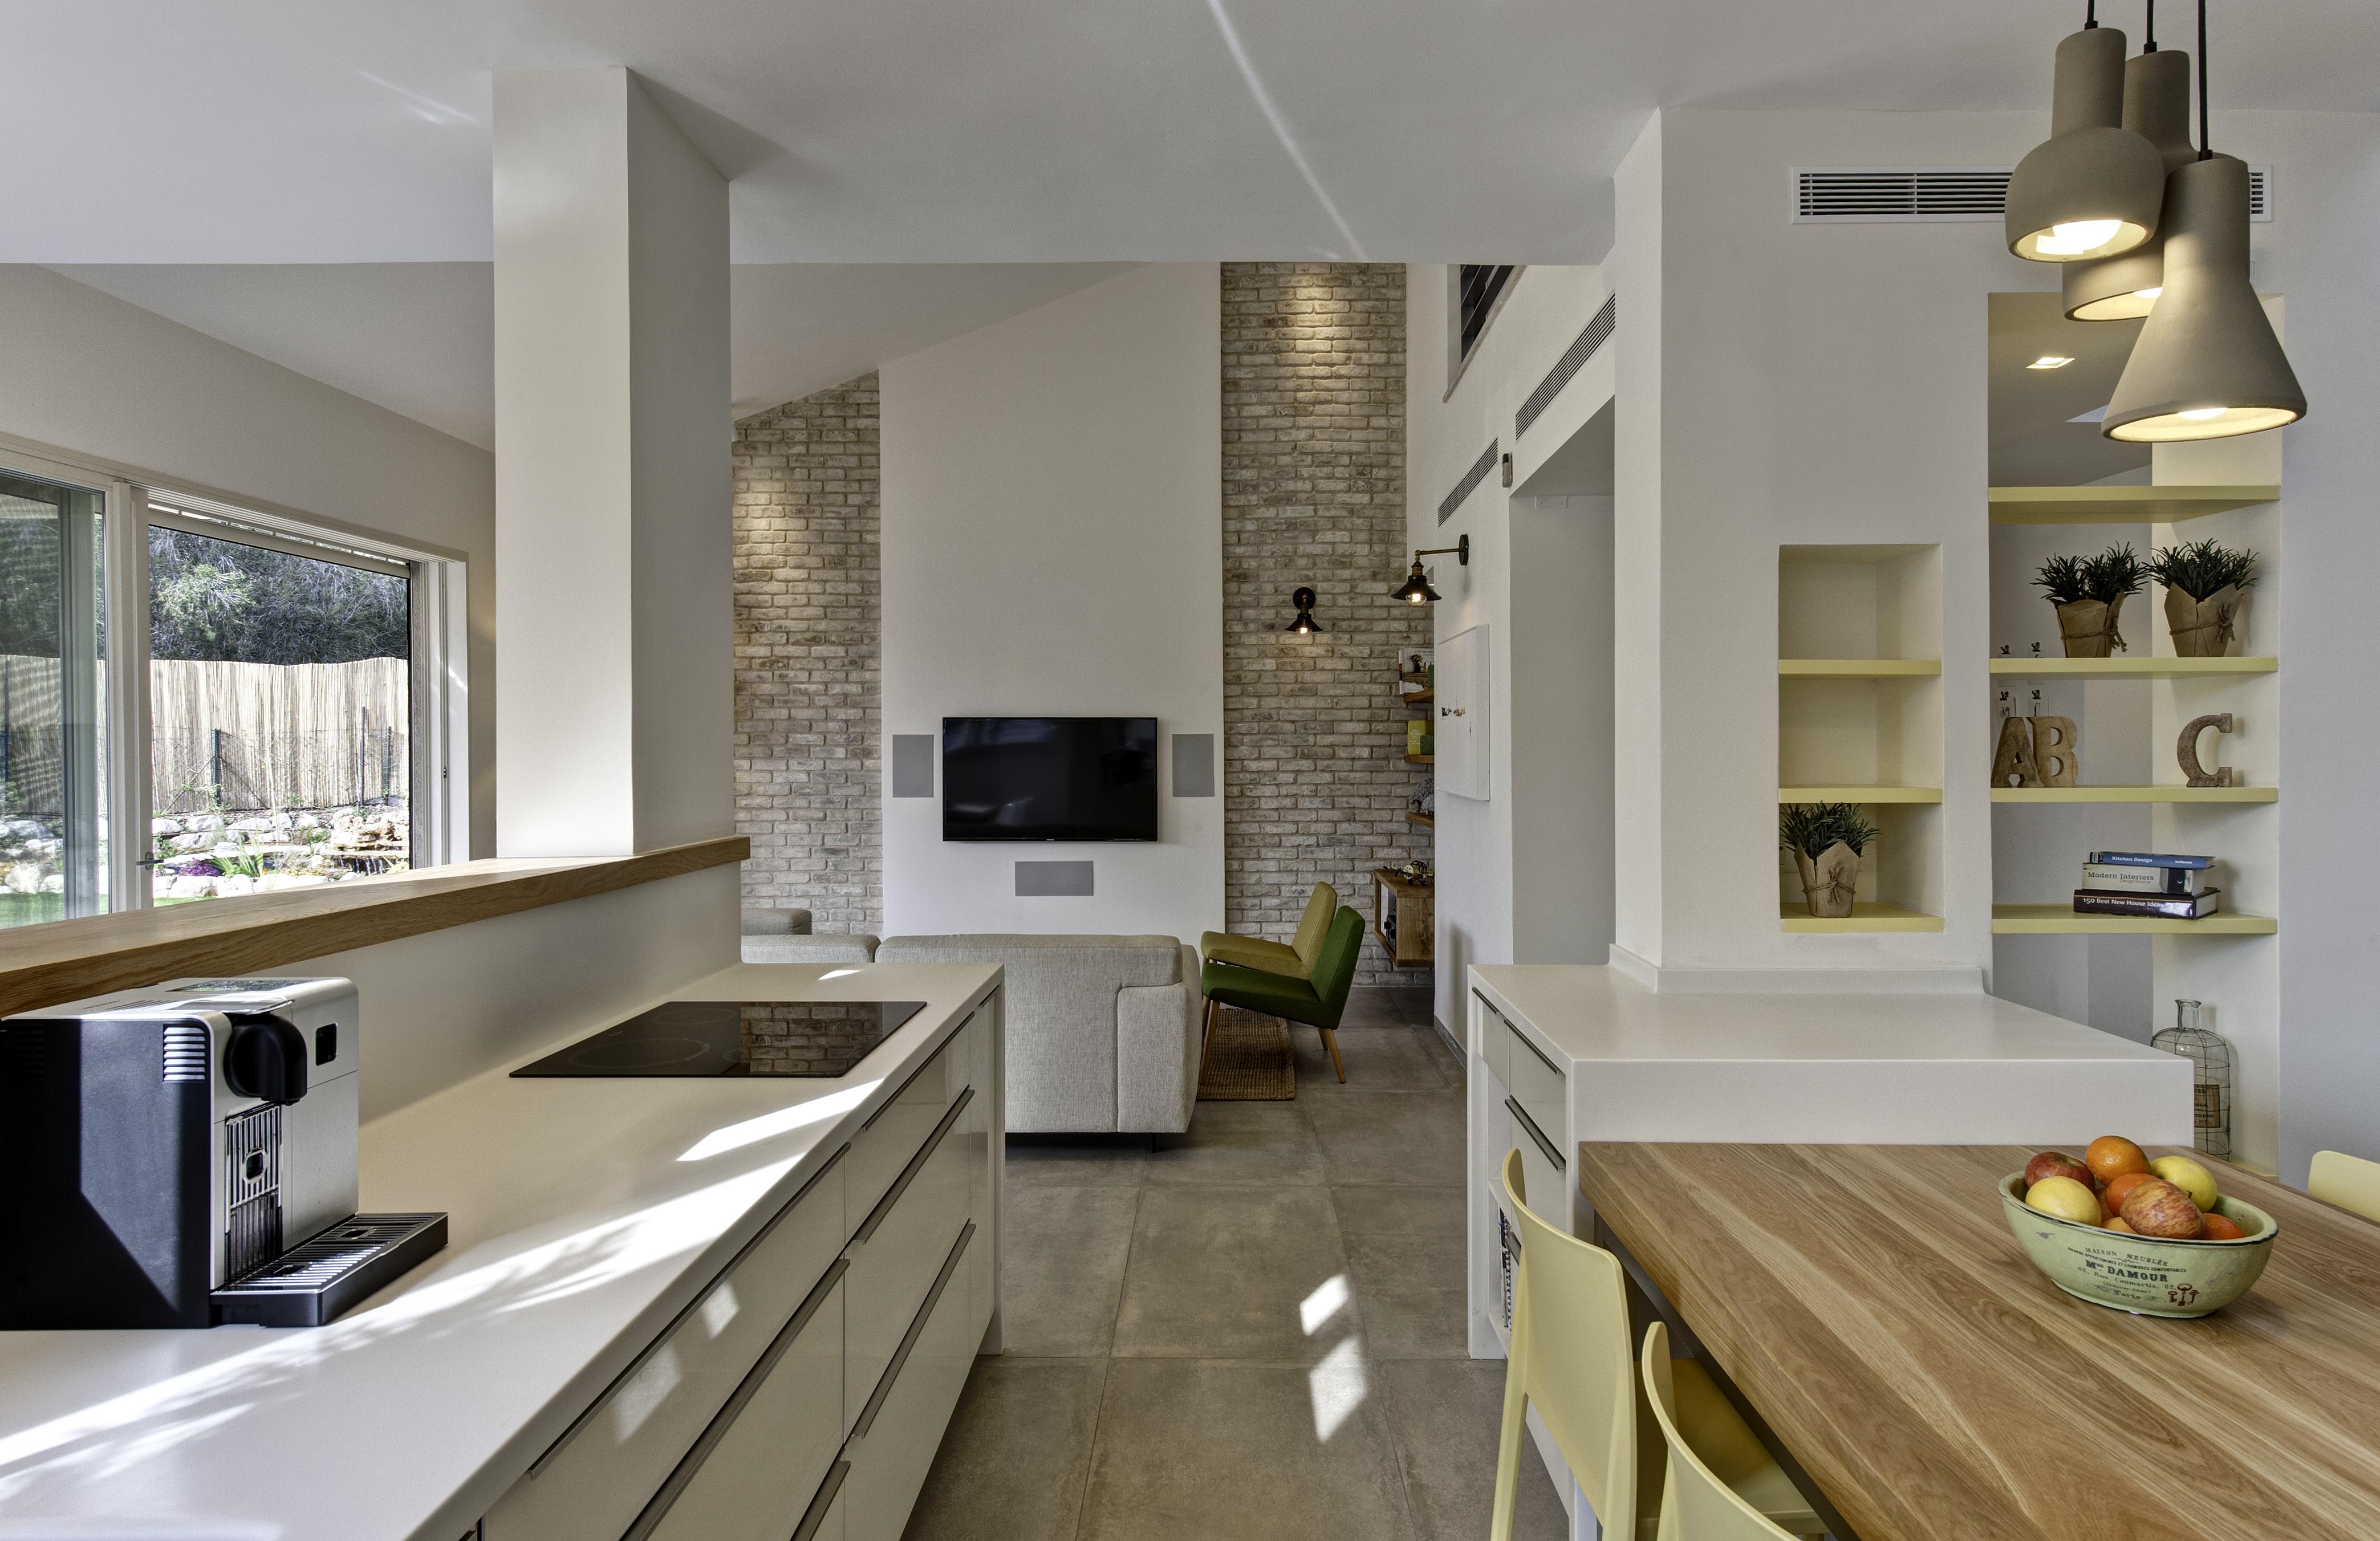 מבט מהמטבח אל הסלון. קירות אבן אורכיים מדגישים את גובה התקרה בסלון